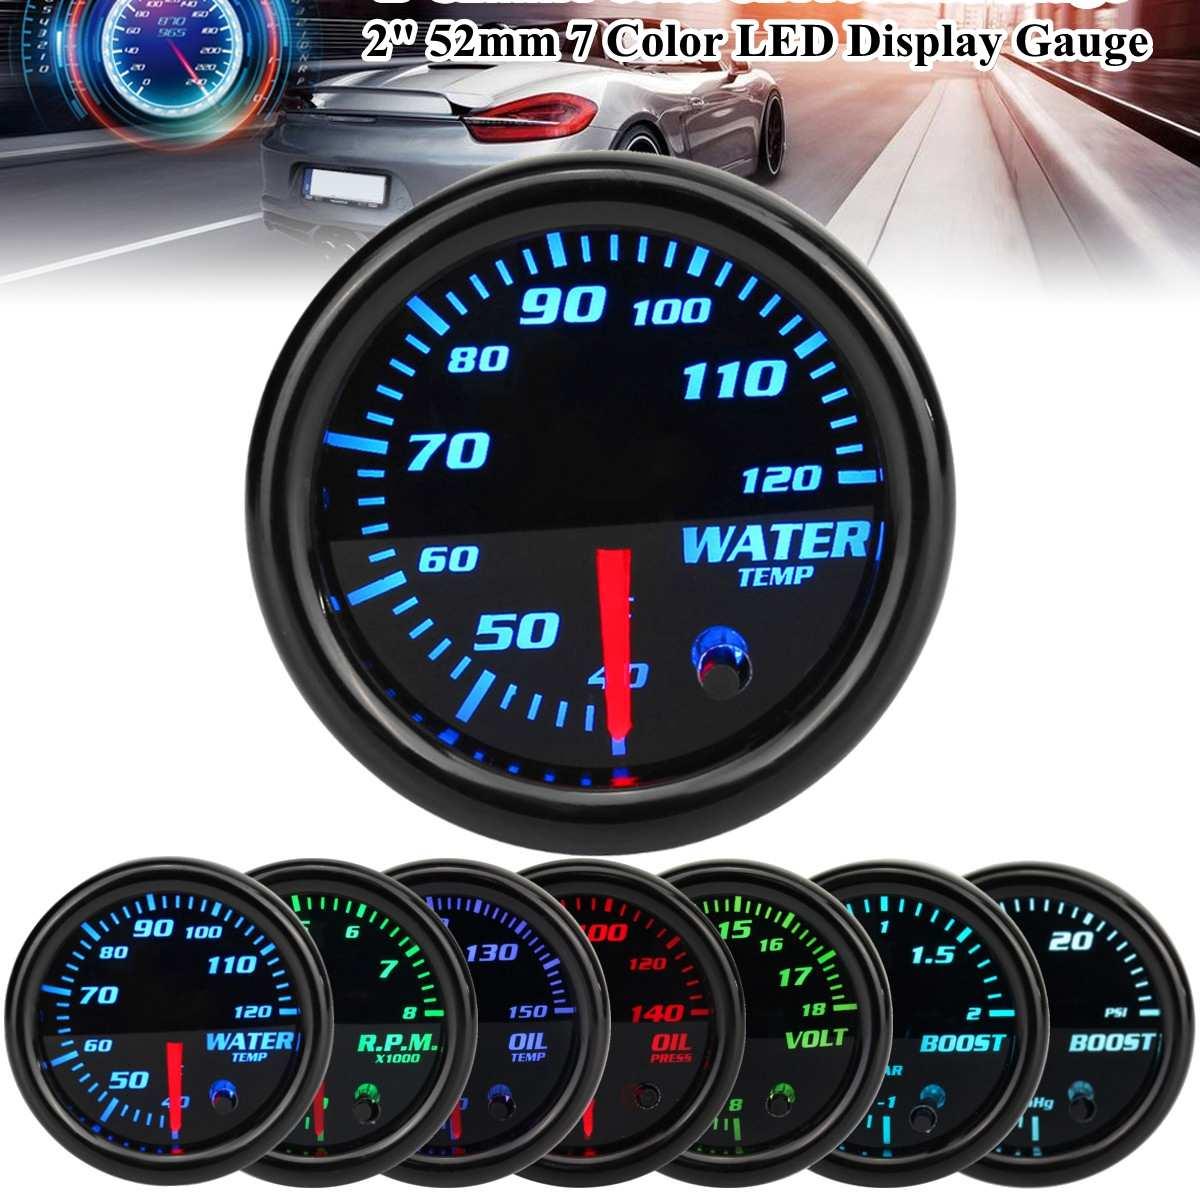 Универсальный автомобильный 7-цветный датчик светодиода 2 ''52 мм, Механический датчик светодиода Boost Psi/Bar, Масляный Пресс, температура масла, ...